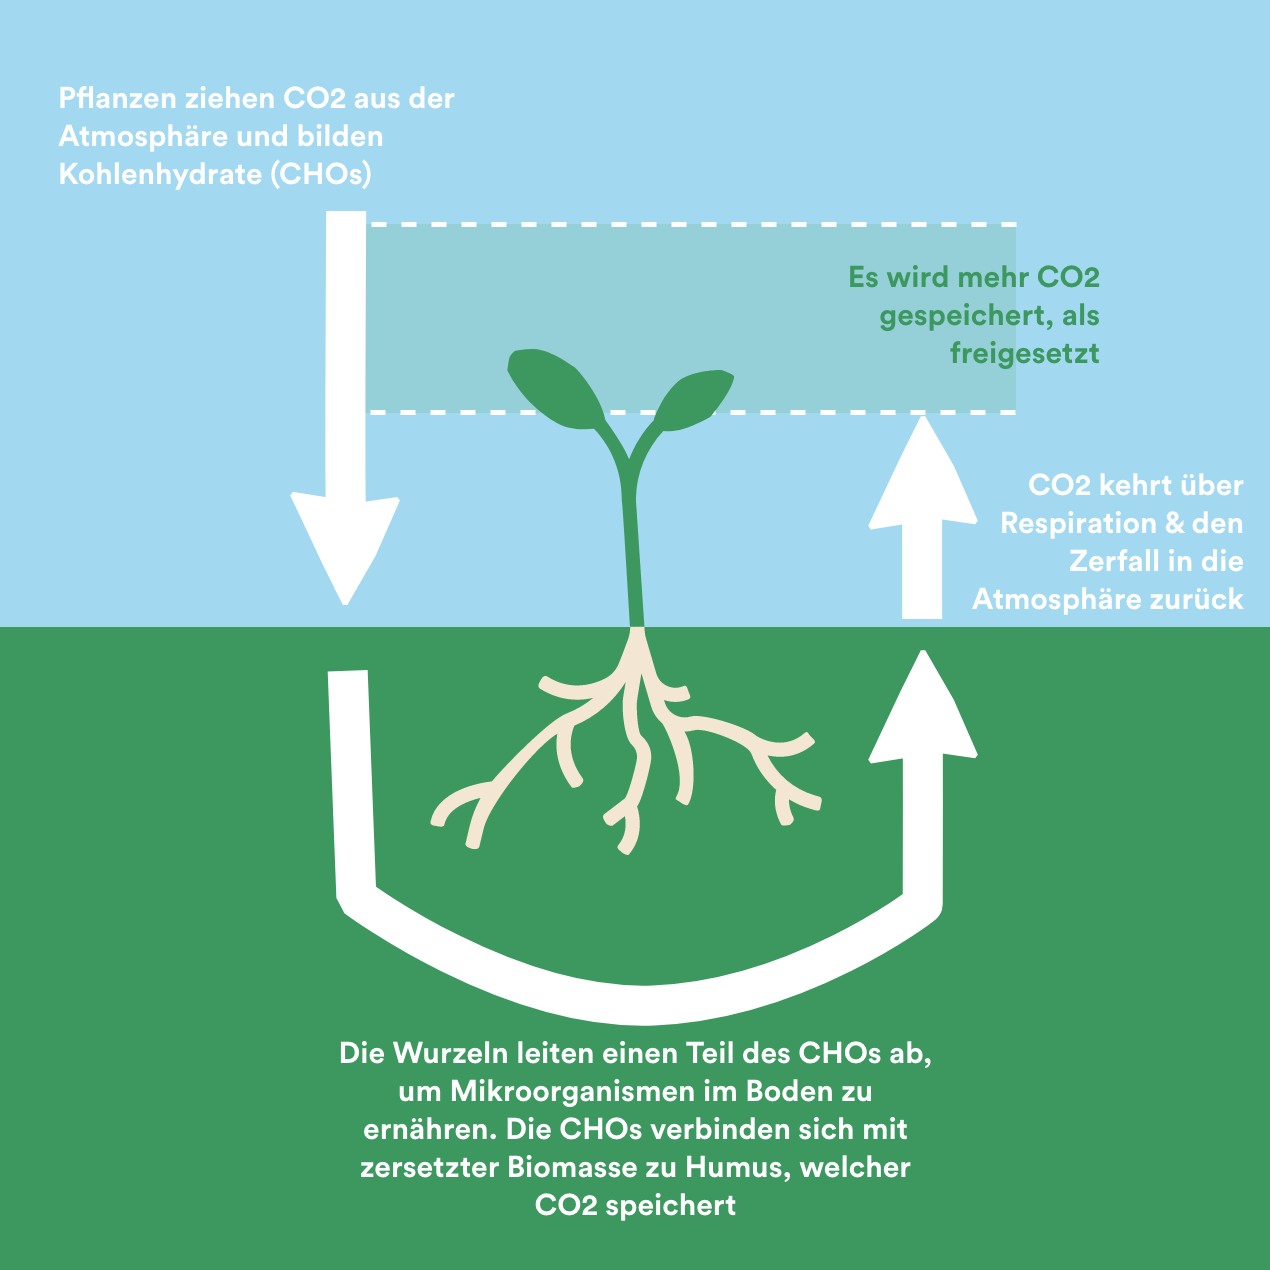 Erklärungsgrafik CO2 Speicher